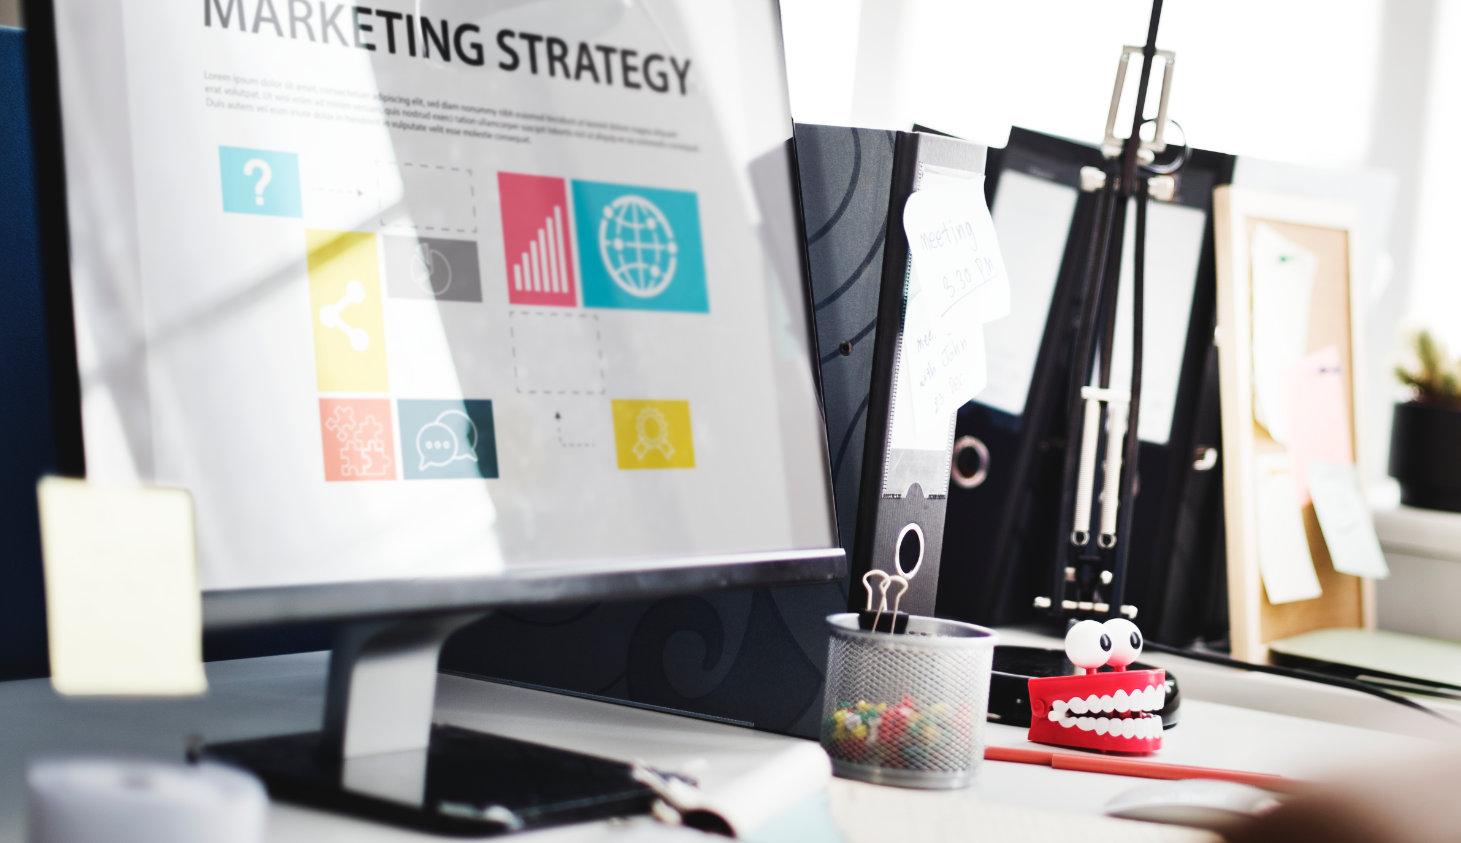 怎麼創造高銷售業績!專家教你最有效,免費提升網站SEO排名方法。透過專業關鍵字技巧優化網站